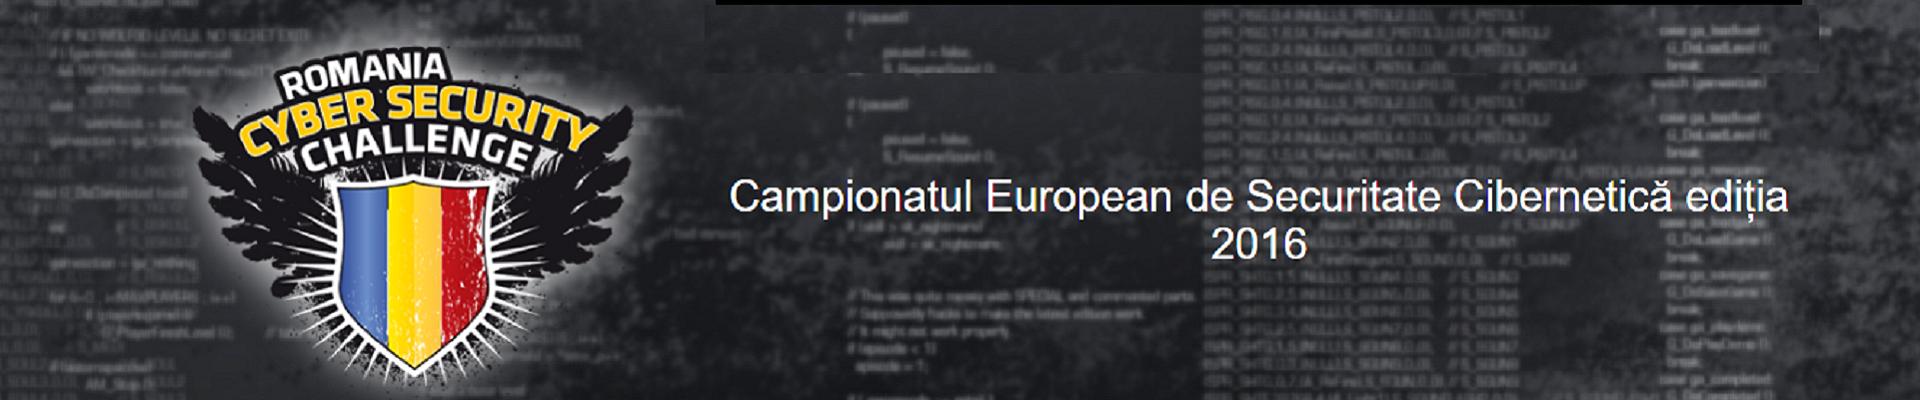 Campionatul European de Securitate Cibernetica – Cybersecurity Challenge 2016